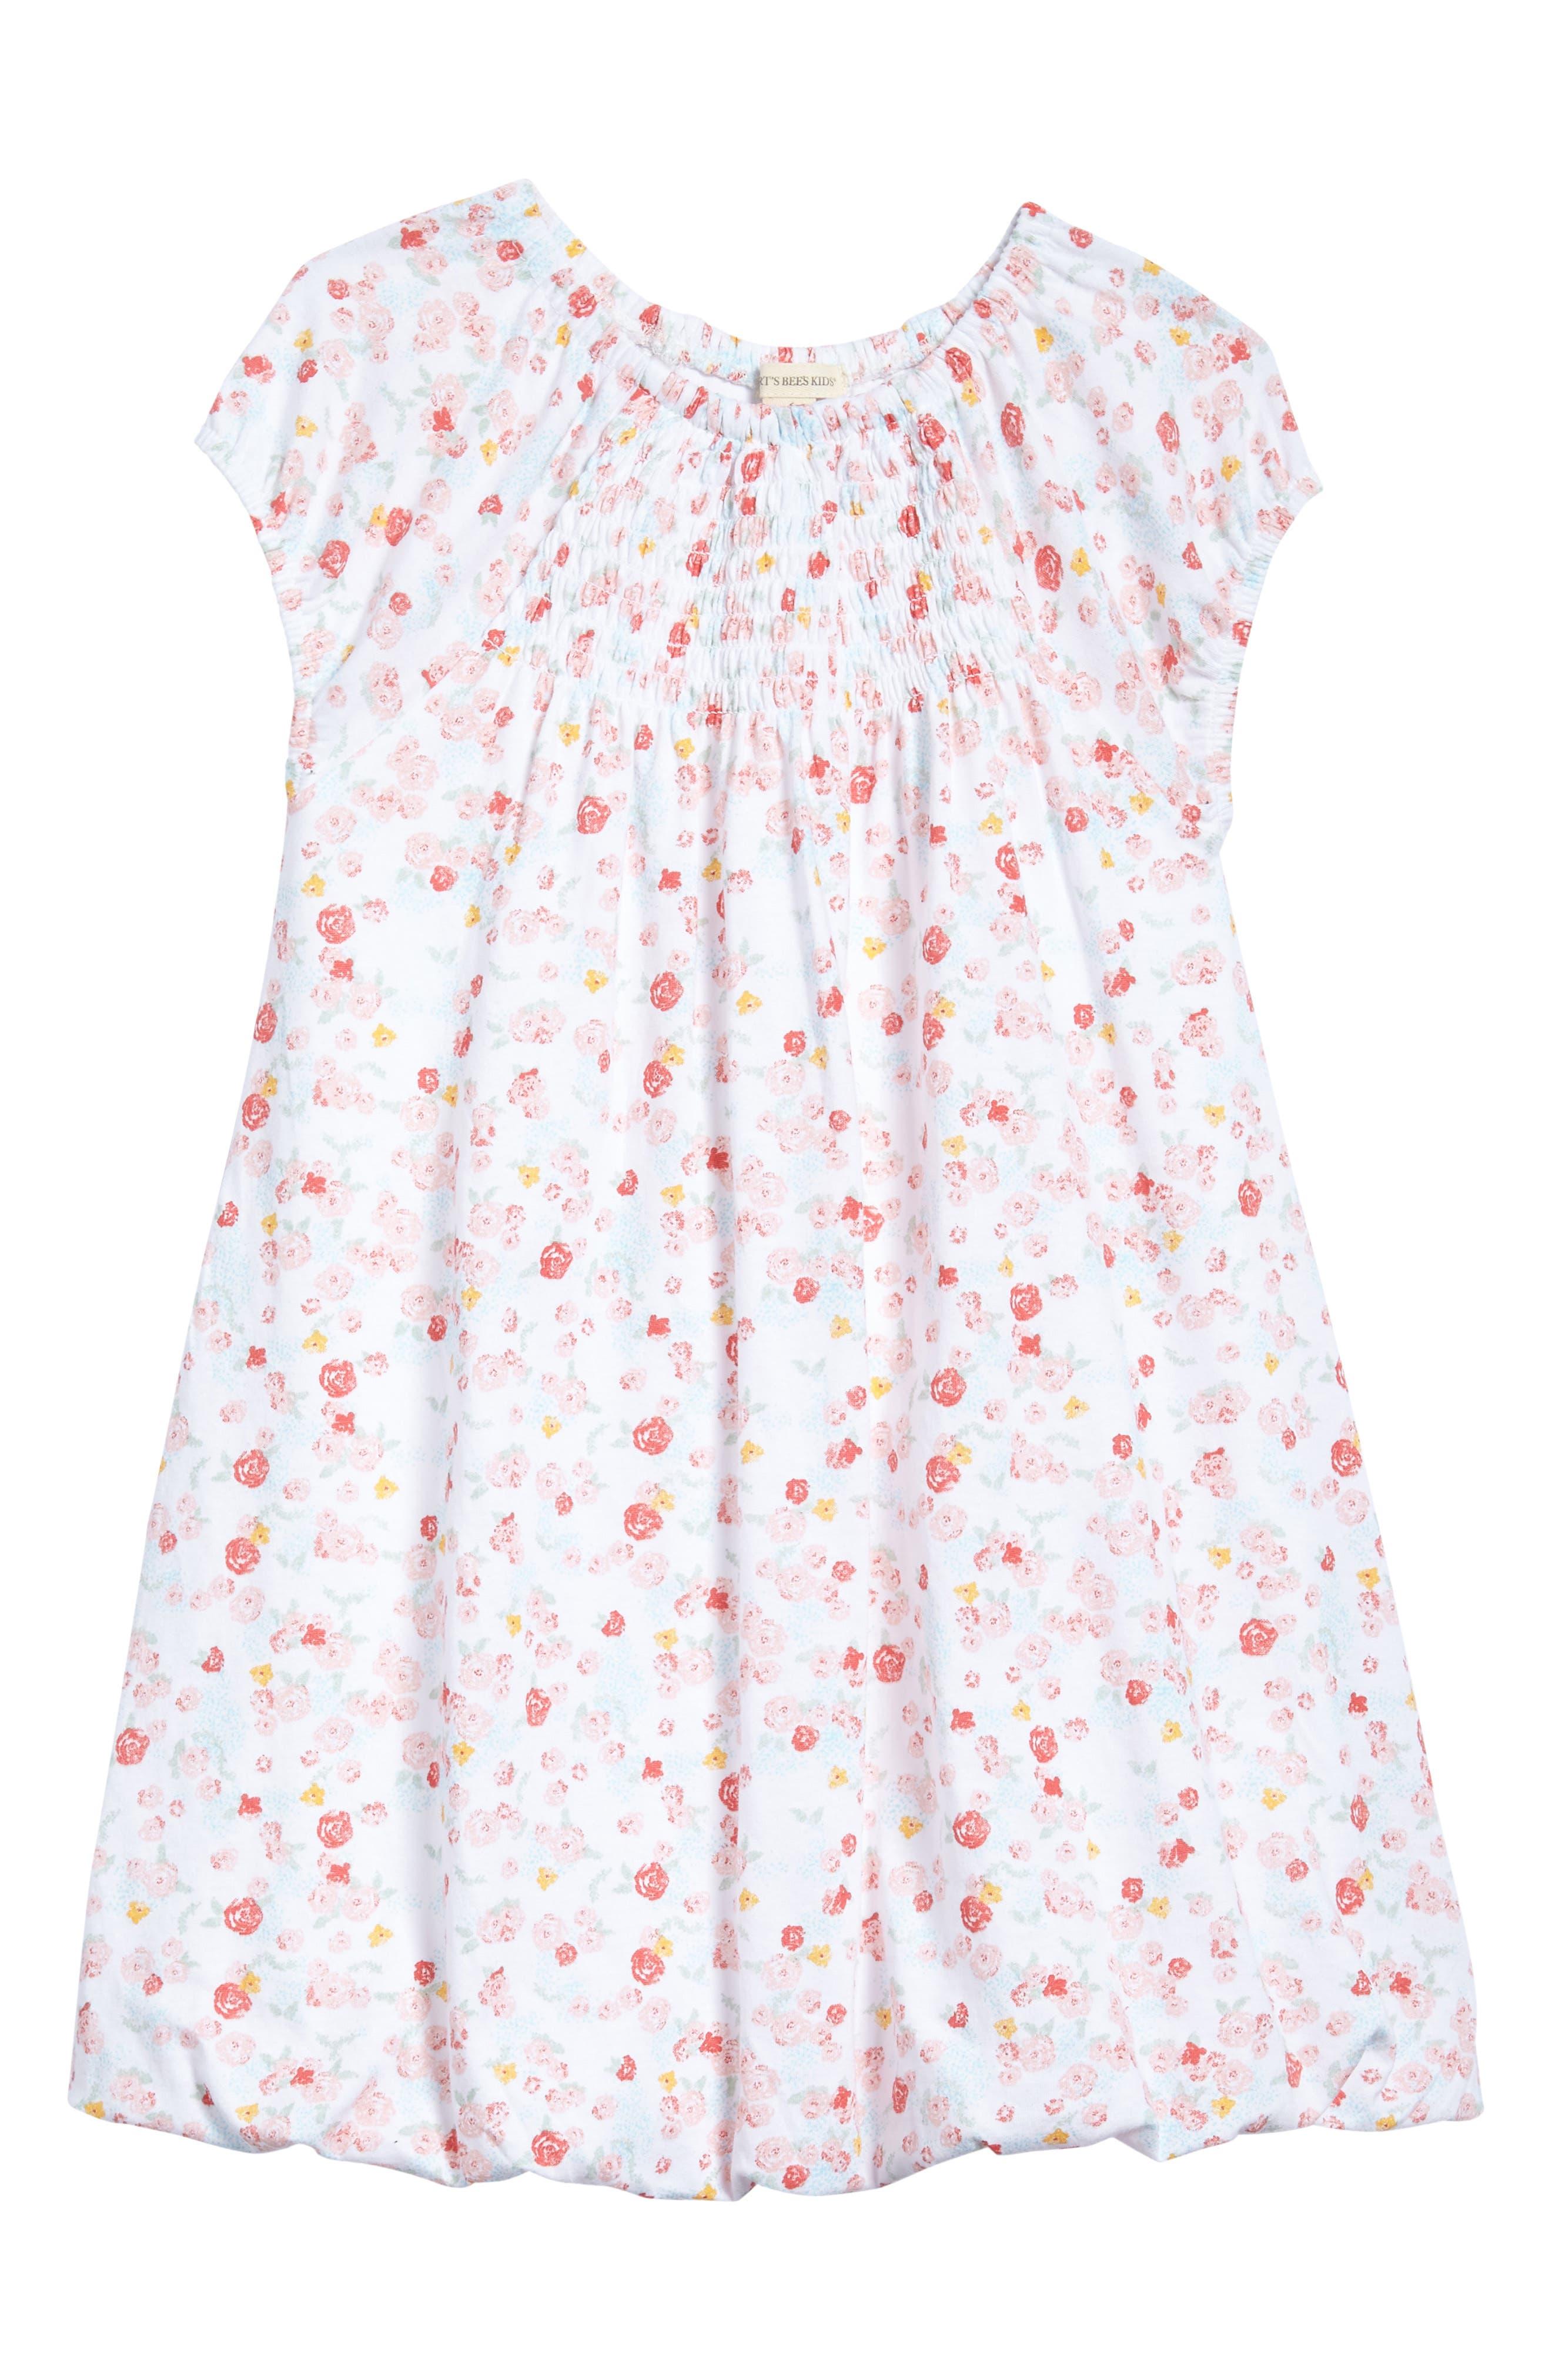 Ditsy Floral Print Bubble Dress,                         Main,                         color, 100